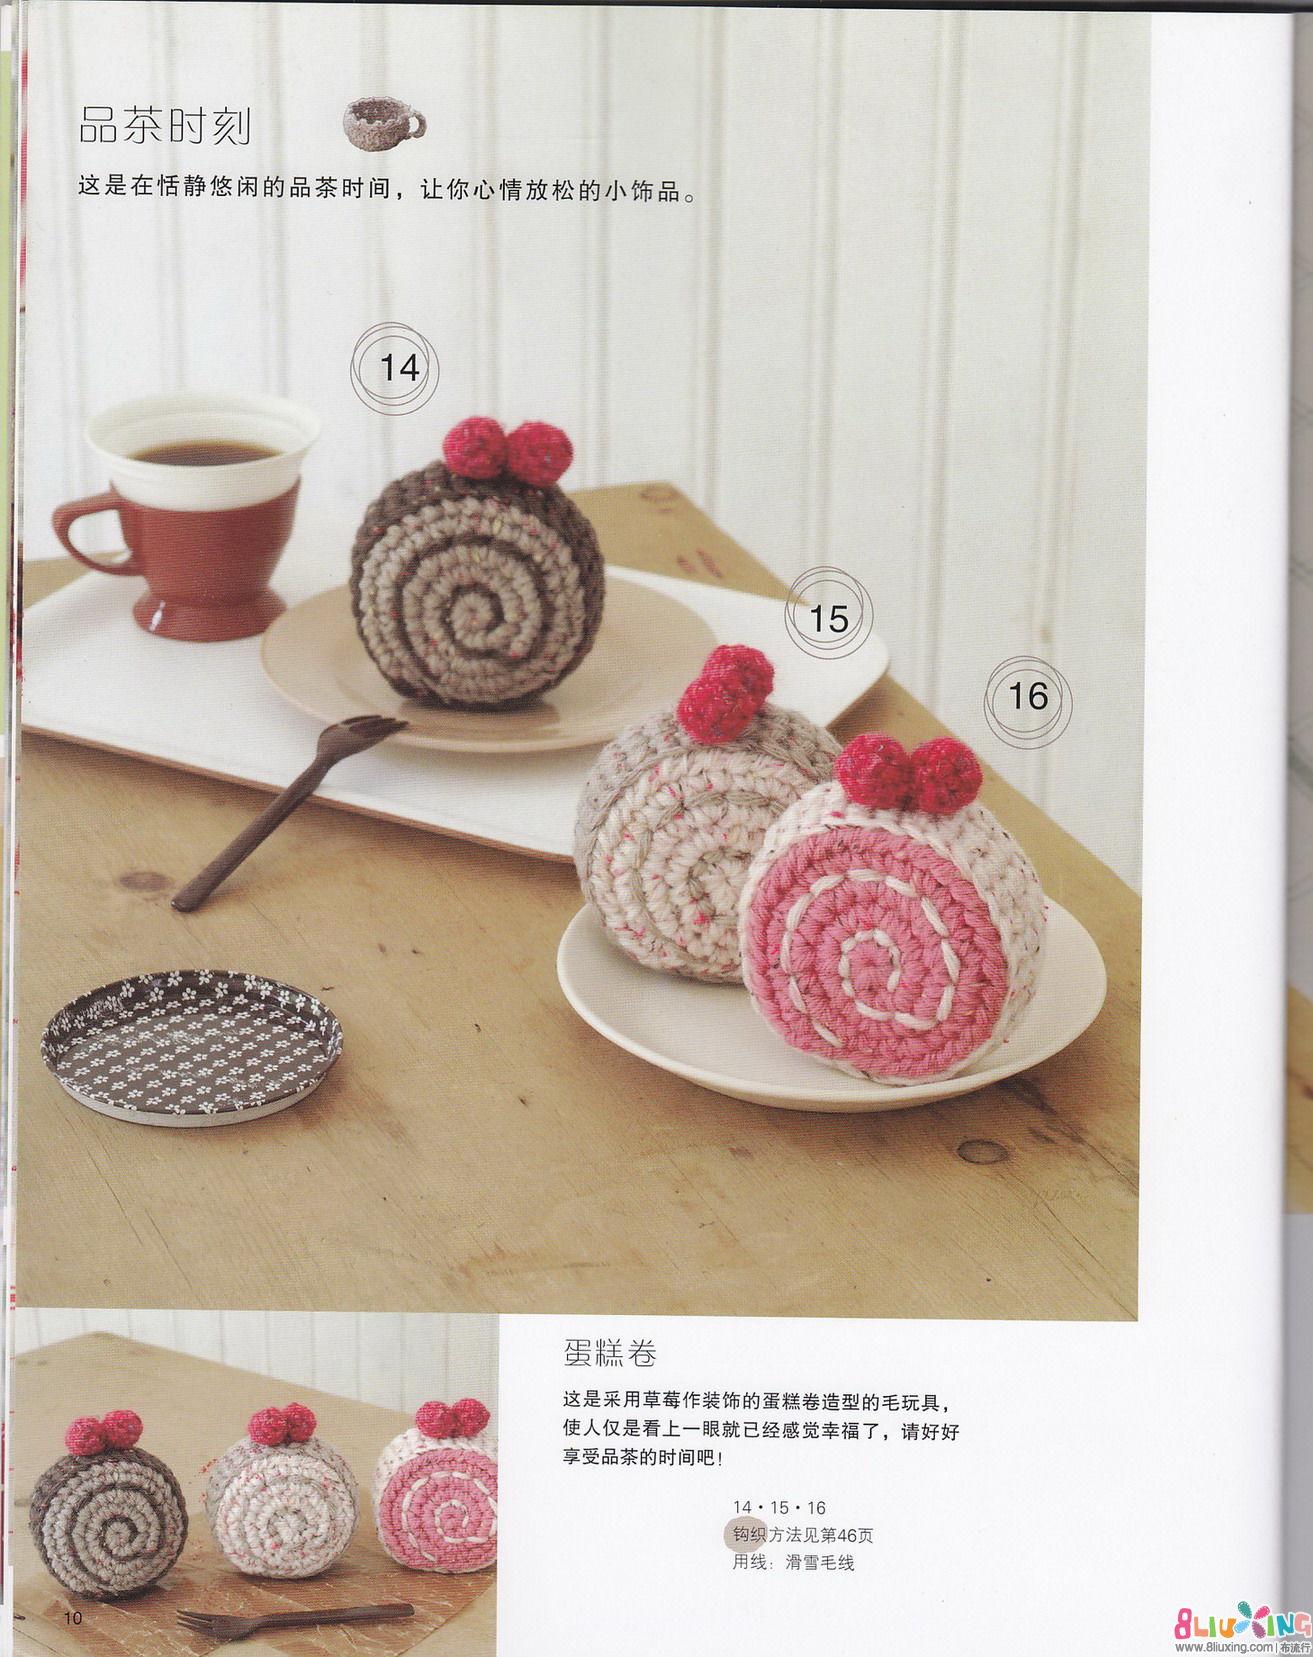 【图纸】可爱图纸图解-蛋糕下载专区-布导入流行中的广联达显示钩针标注不图片